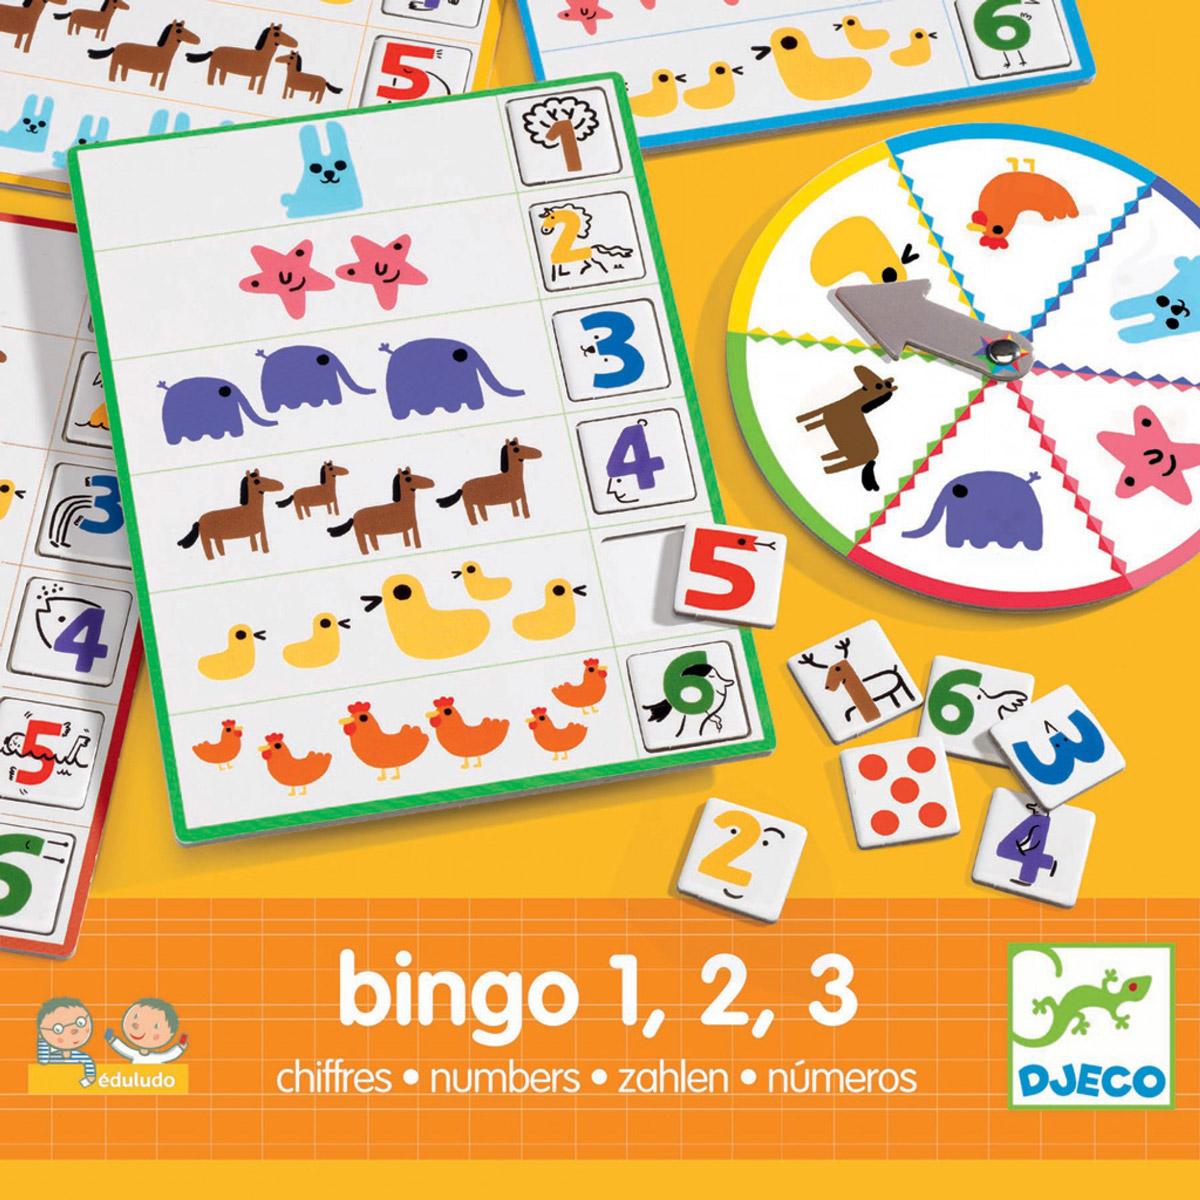 Djeco Обучающая игра Числа Бинго настольные игры djeco игра eduludo числа бинго